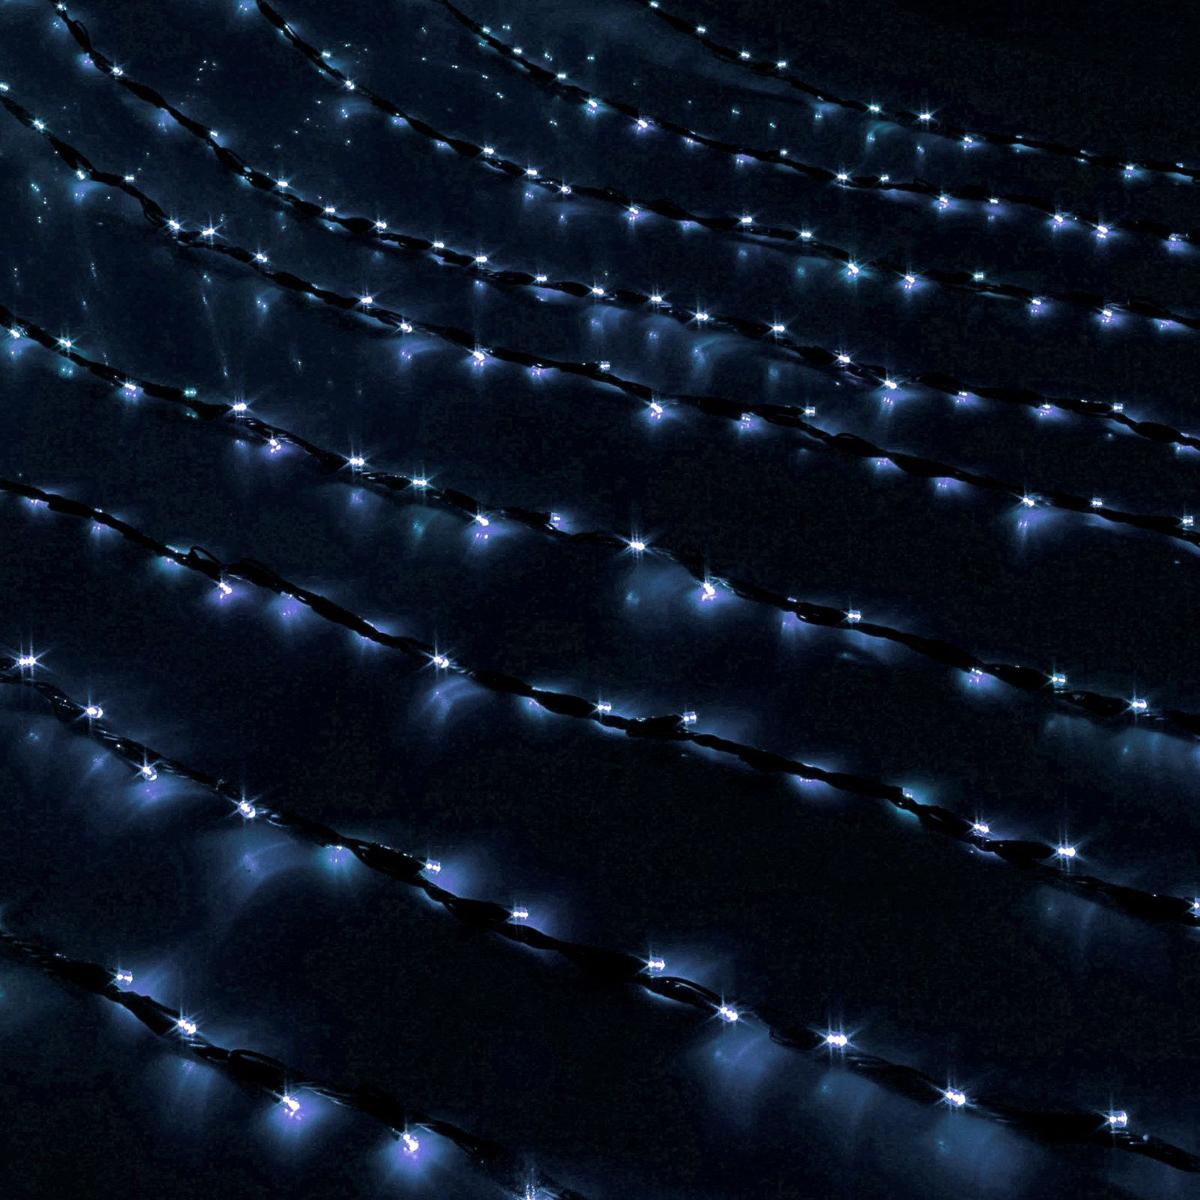 Гирлянда светодиодная Luazon Дождь, уличная, 8 режимов, 400 ламп, 220 V, цвет: белый, 2 х 1,5 м. 706328706328Гирлянда светодиодная Дождь - это отличный вариант для новогоднего оформления интерьера или фасада. С ее помощью помещение любого размера можно превратить в праздничный зал, а внешние элементы зданий, украшенные гирляндой, мгновенно станут напоминать очертания сказочного дворца. Такое украшение создаст ауру предвкушения чуда. Деревья, фасады, витрины, окна и арки будто специально созданы, чтобы вы украсили их светящимися нитями.